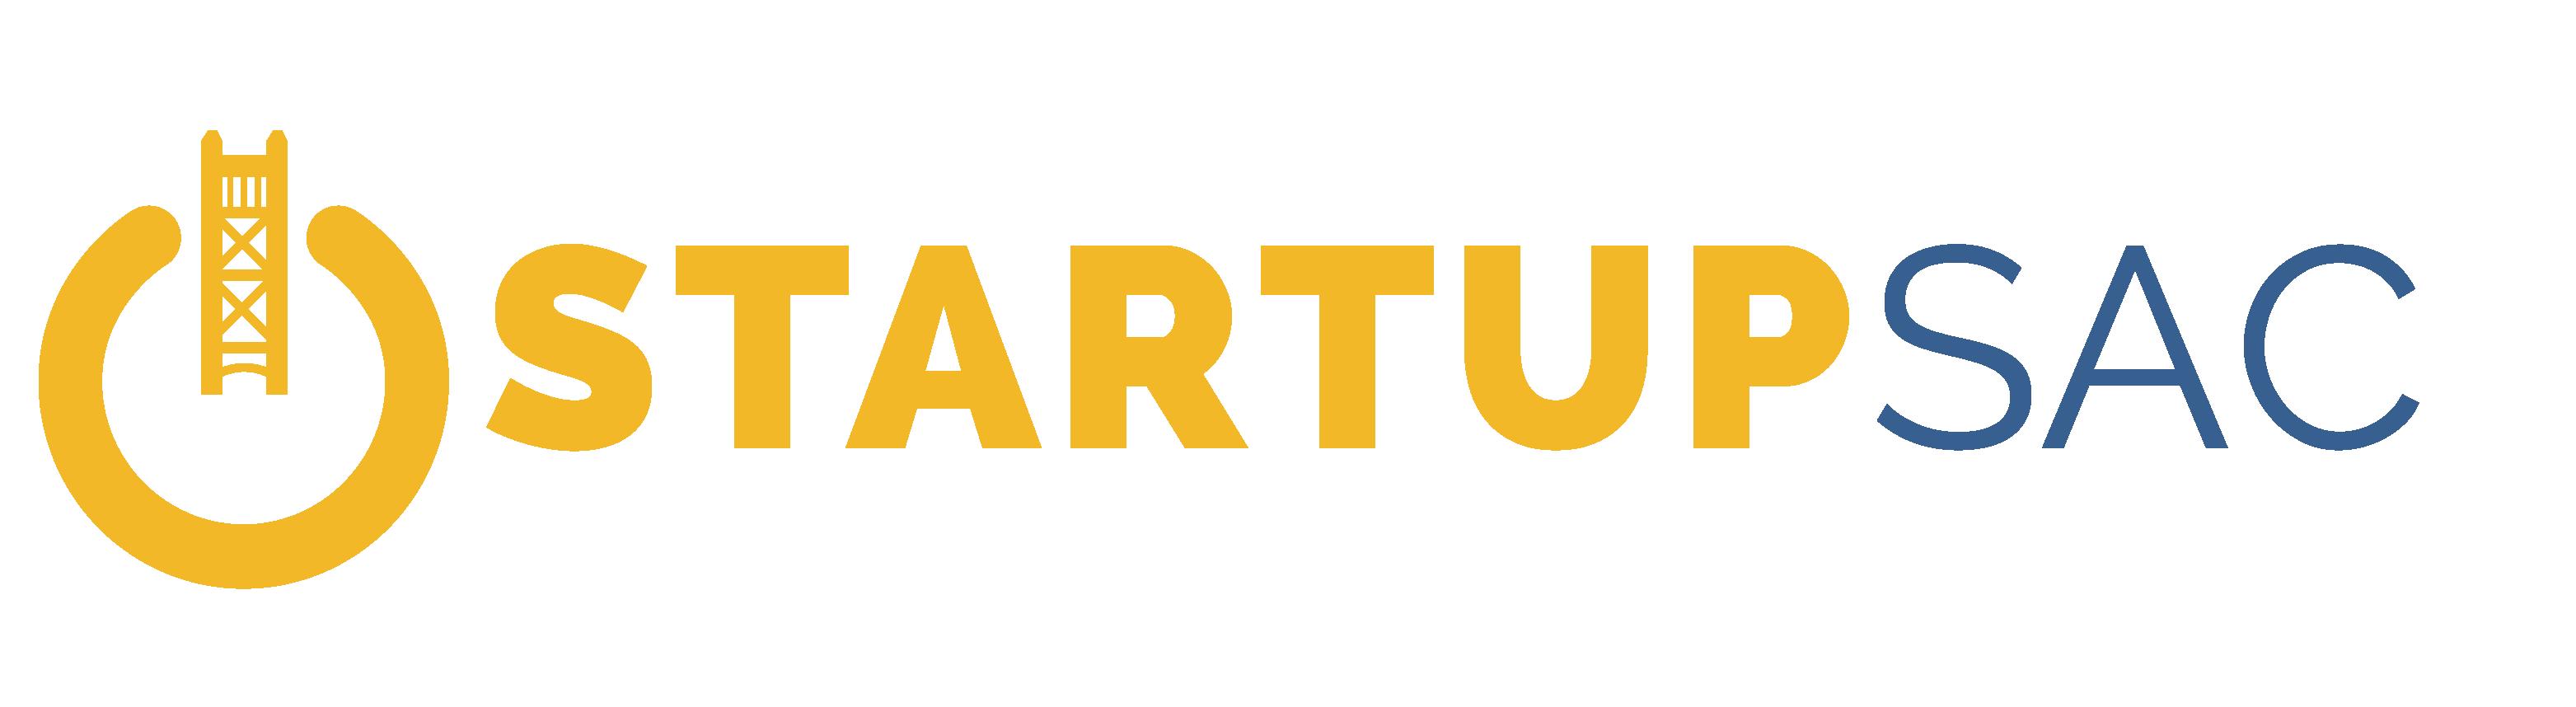 StartupSacTextLogo Alt-01 copy